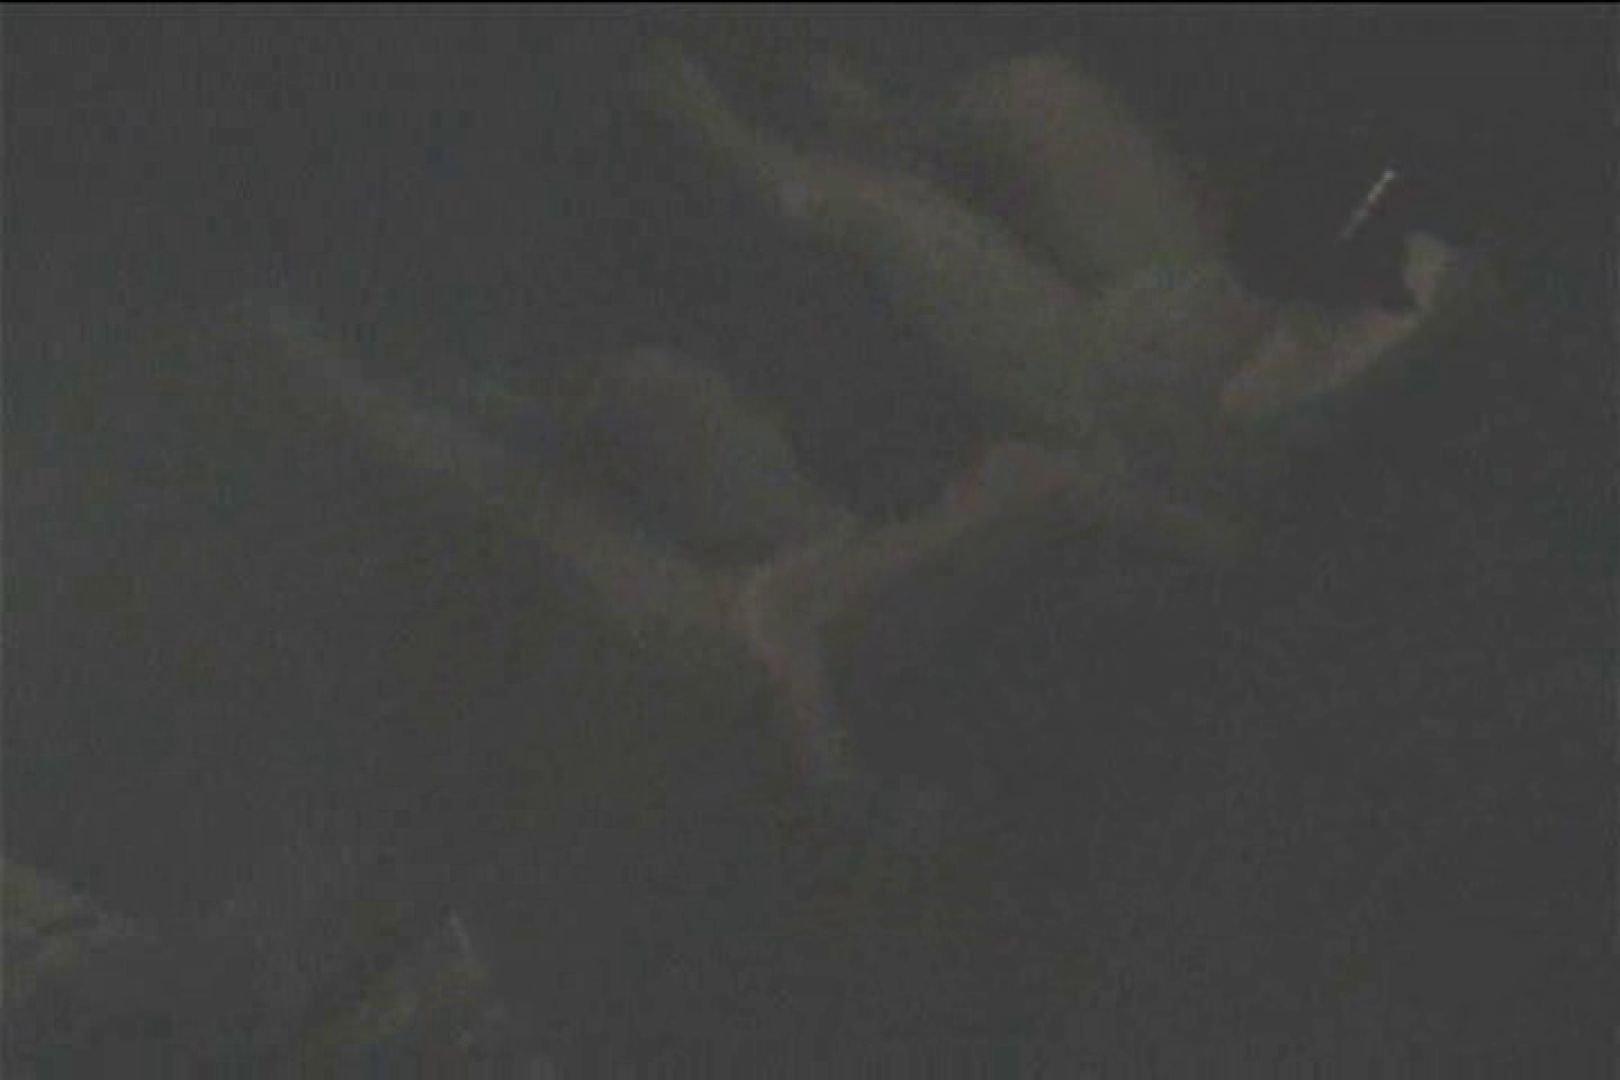 女体極楽癒しの湯 vol.4 OLセックス  102画像 62